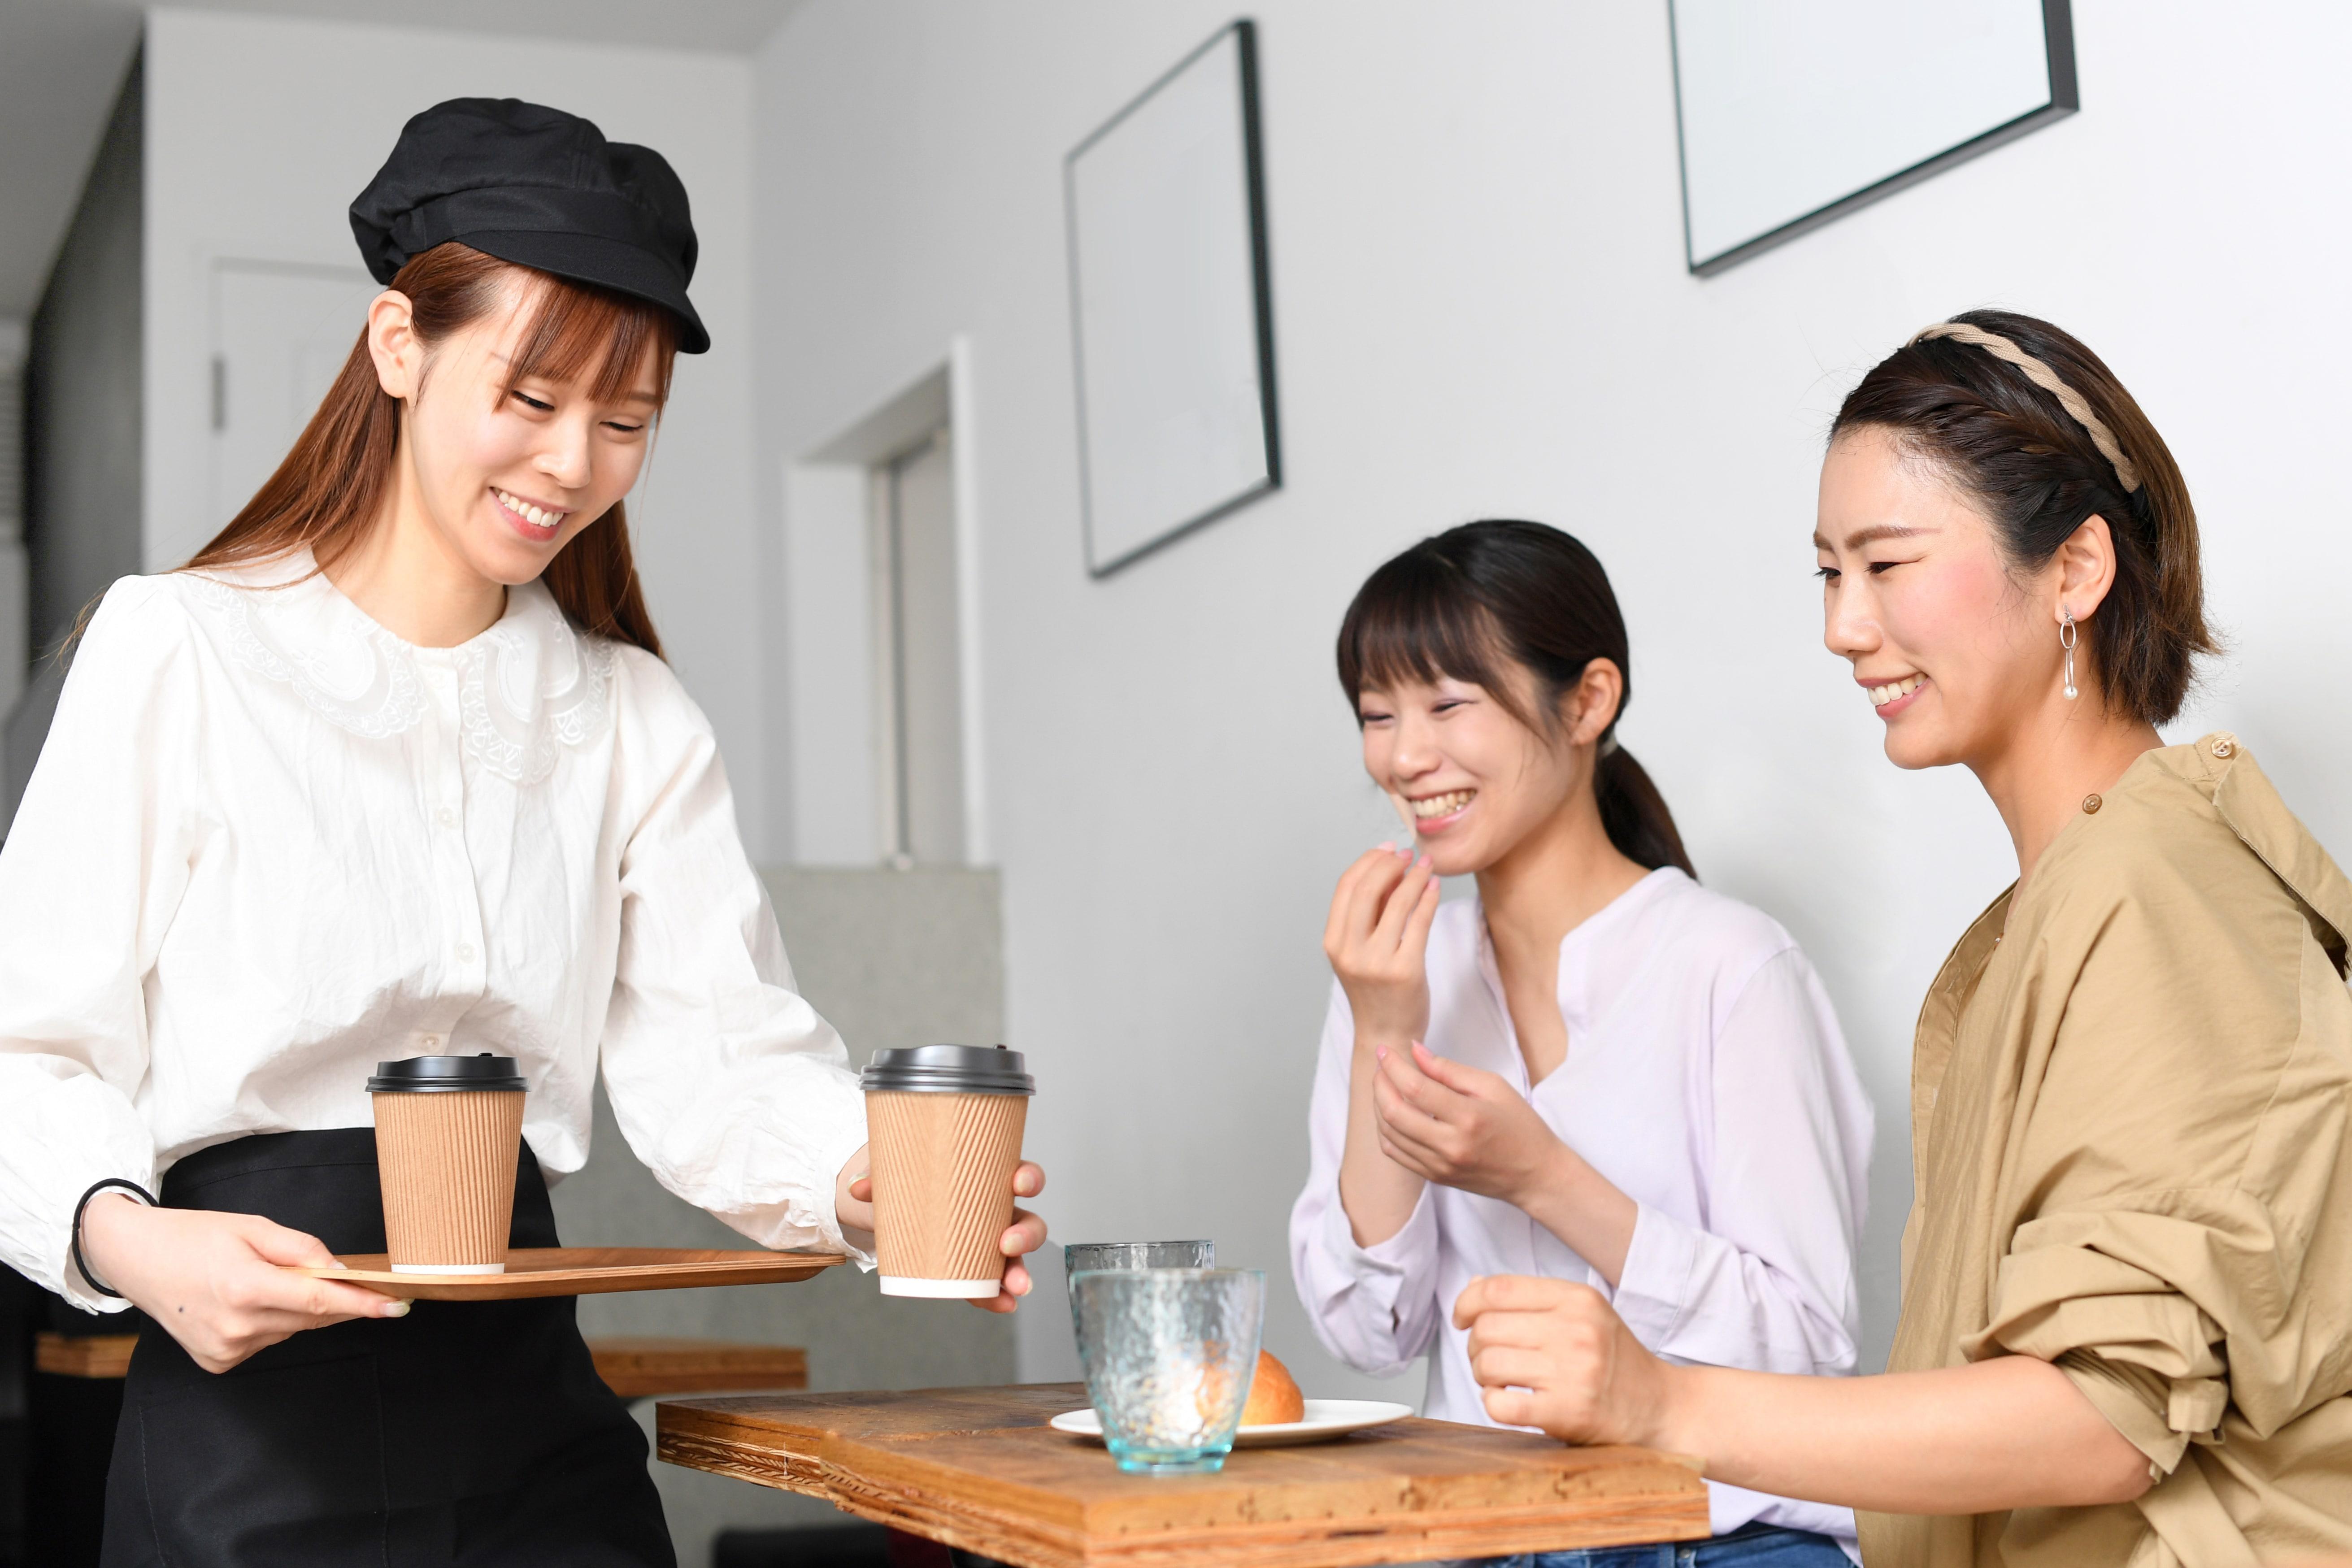 カフェ店員と顧客